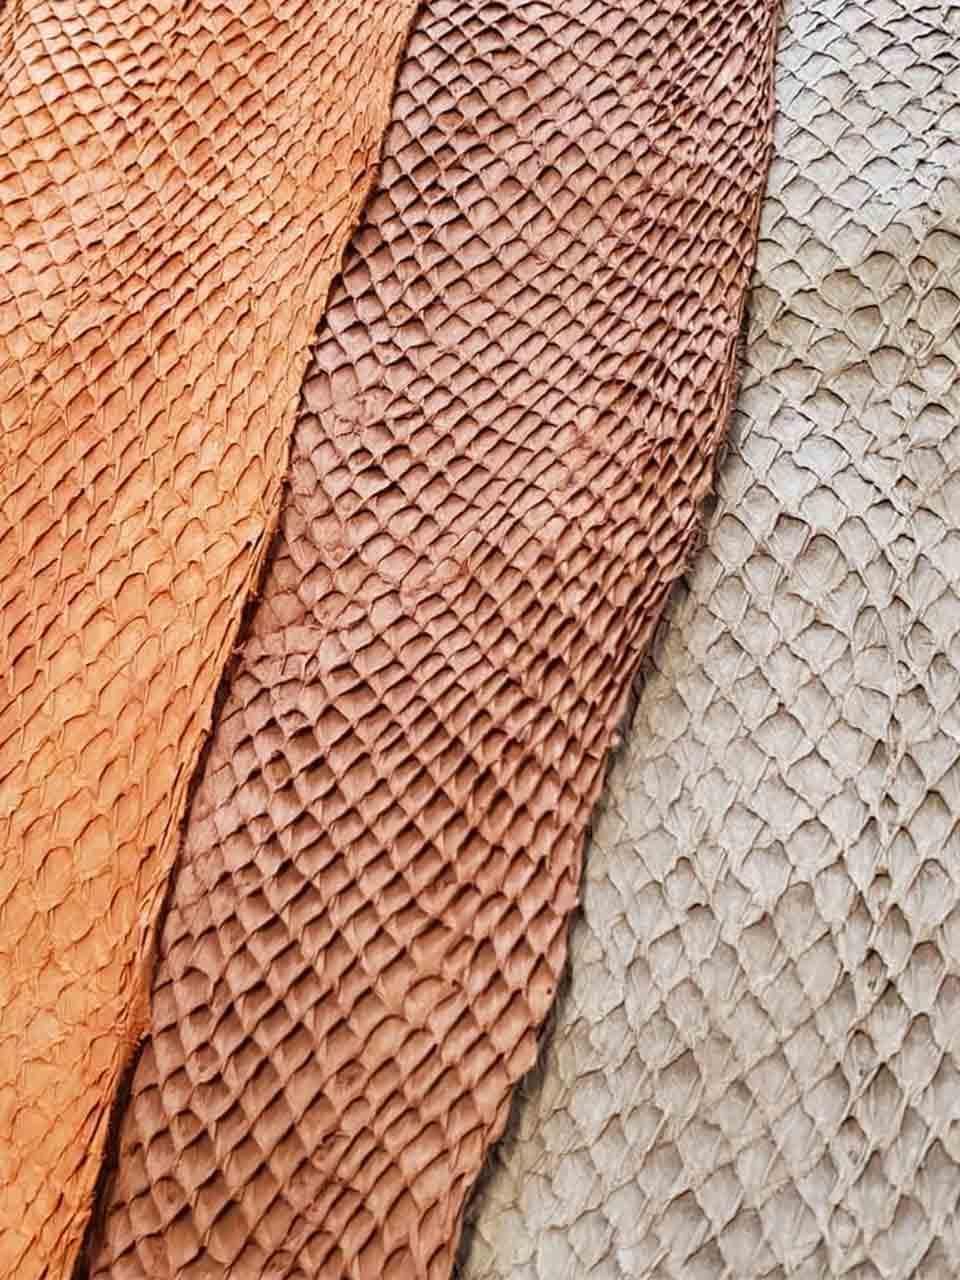 Cuir De Vachette C Est Quoi le cuir marin : une matière pleine d'avenir - leather